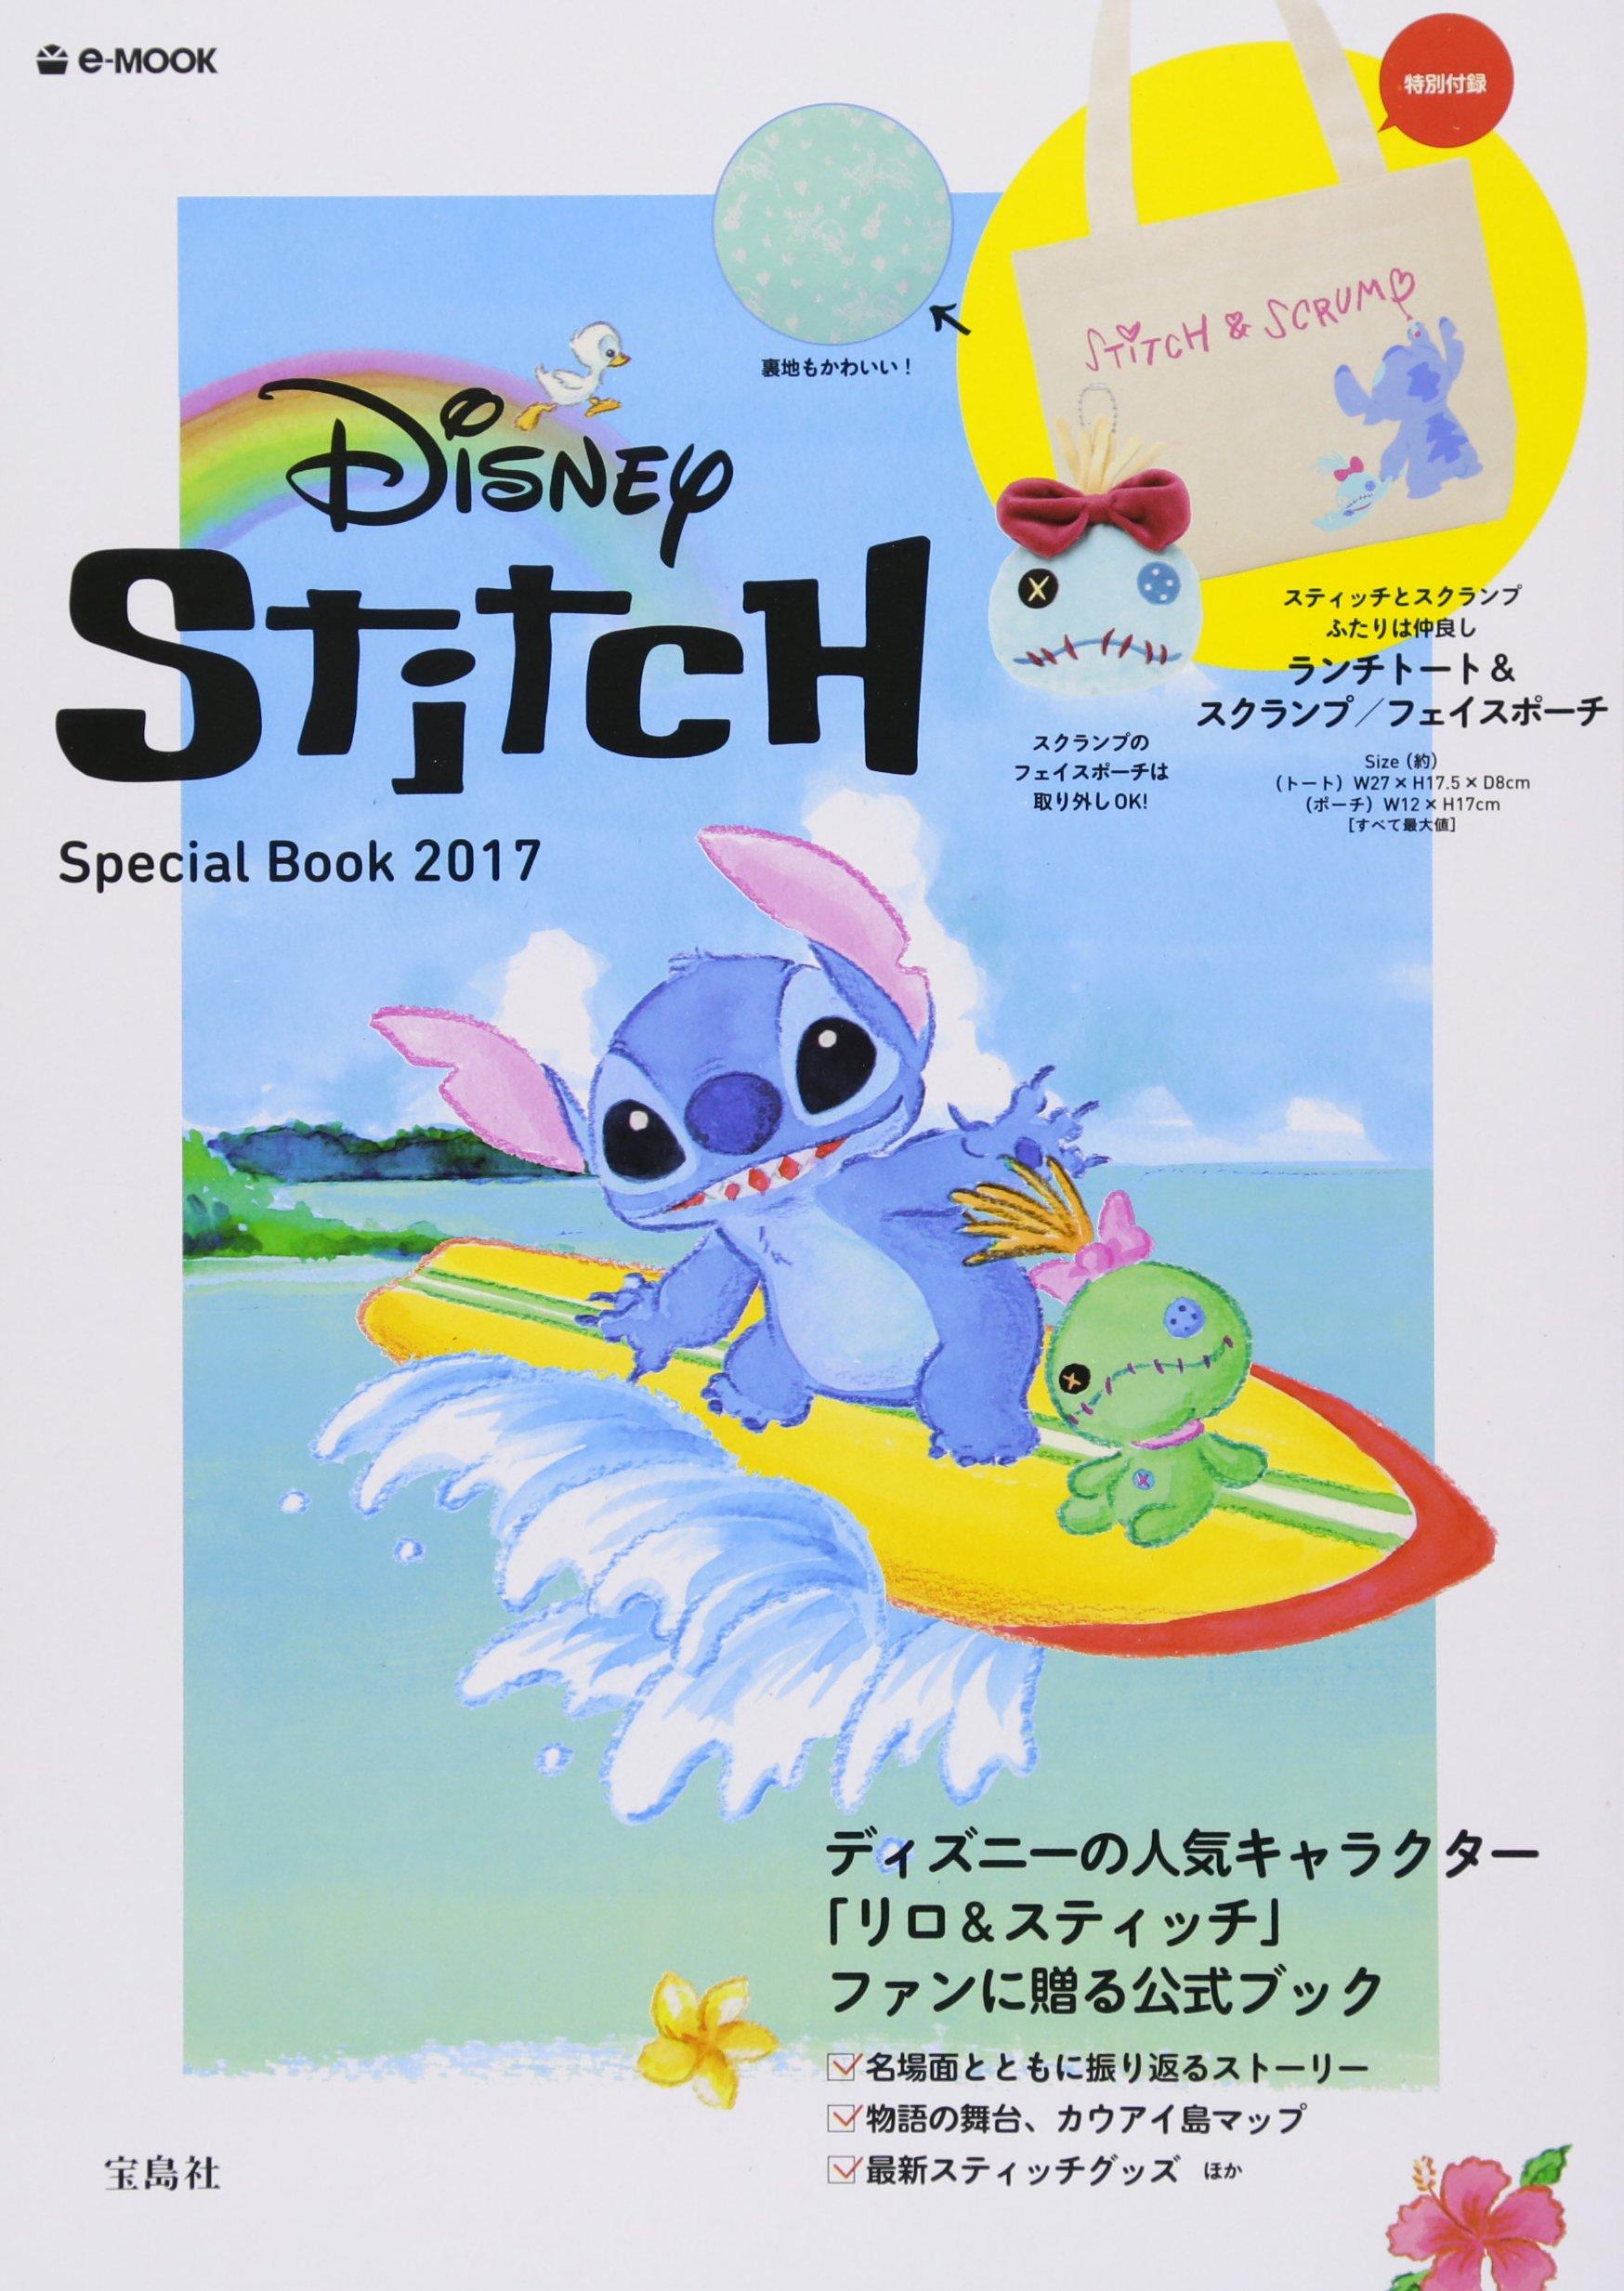 Stitch Special Book 2017 E Mook 本 通販 Amazon